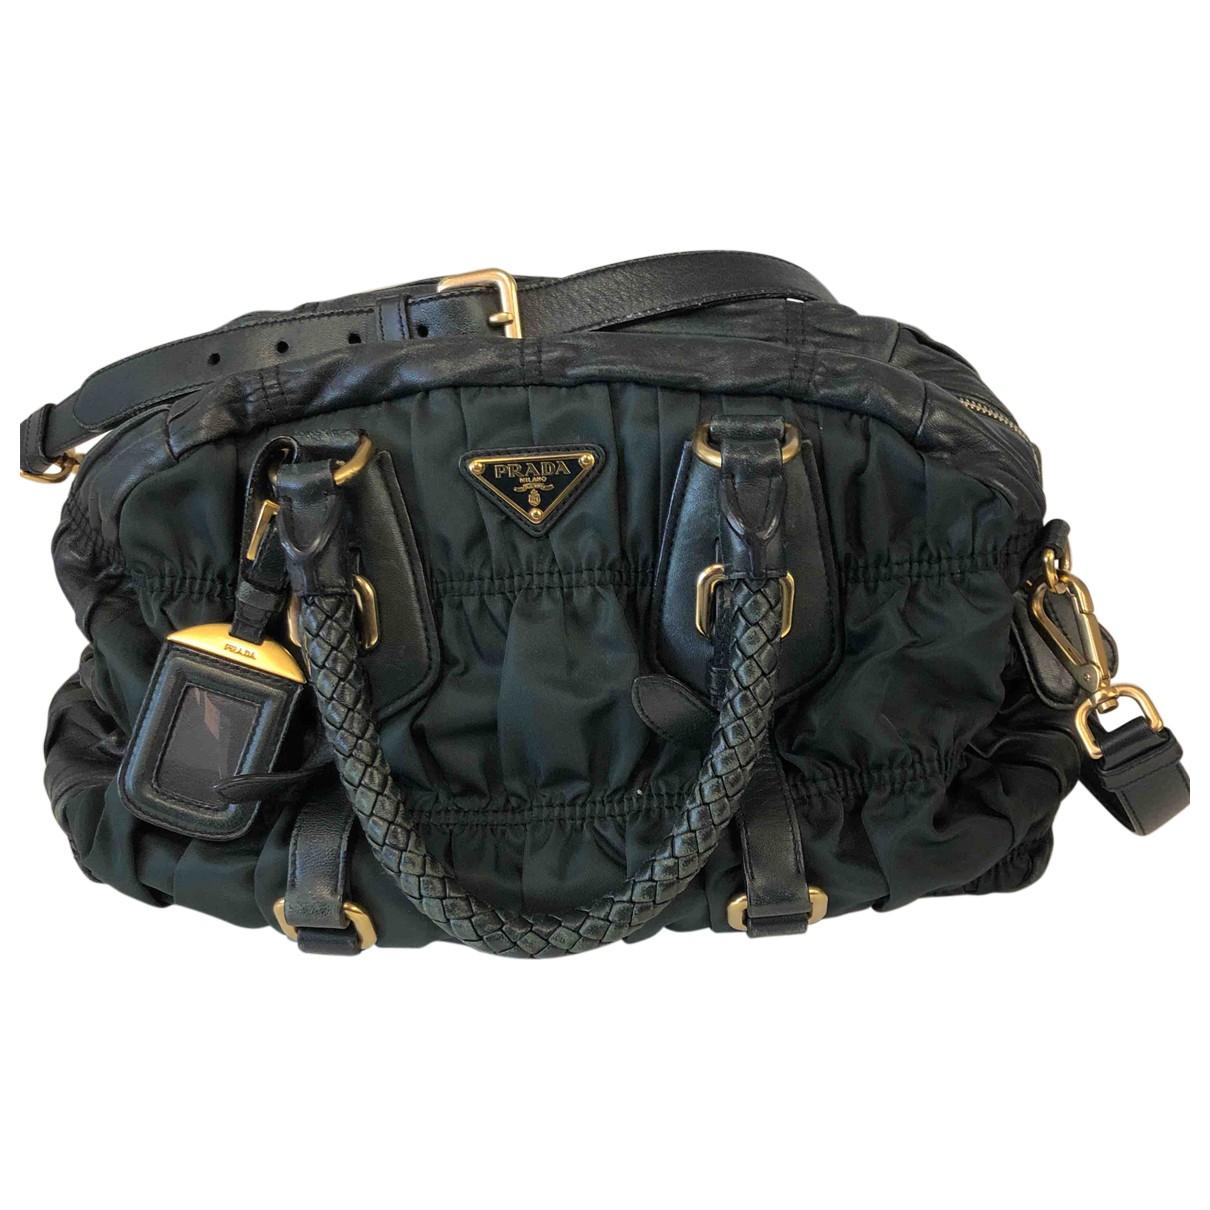 Prada \N Handtasche in  Khaki Leinen